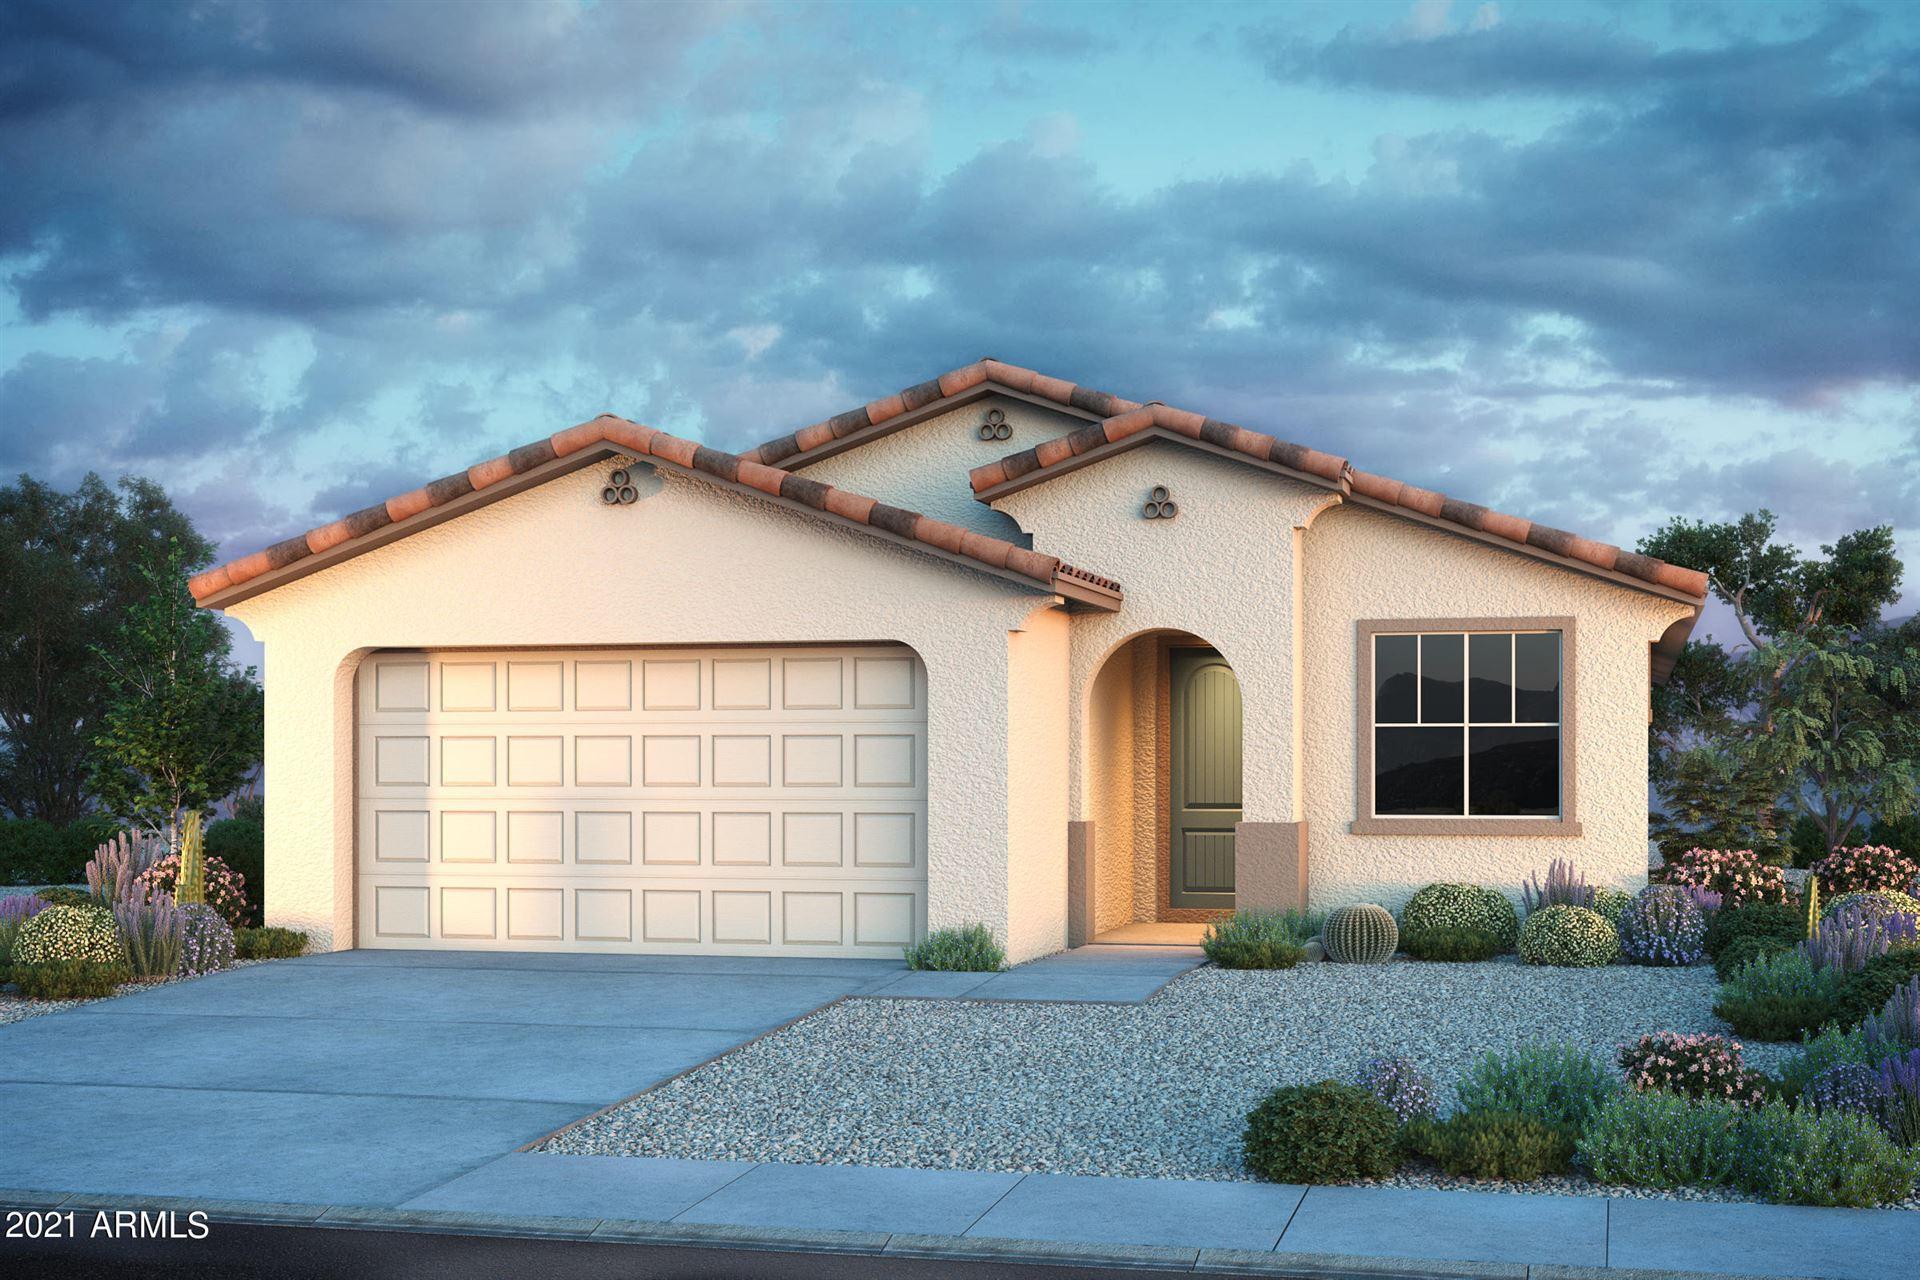 31843 N 123RD Lane, Peoria, AZ 85383 - MLS#: 6266909